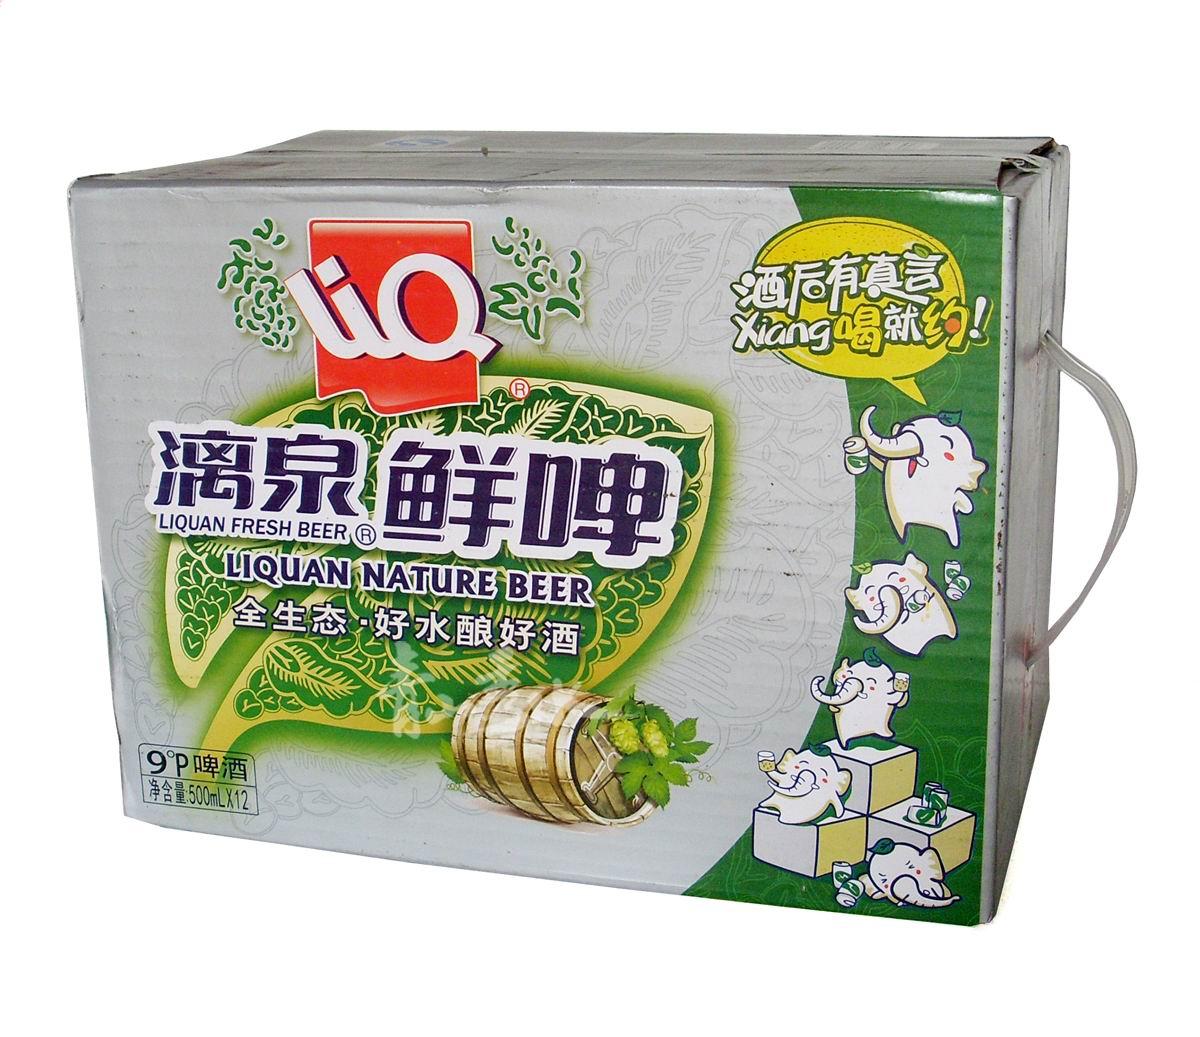 听装桂林特产全生态酿造原产地发货 漓泉鲜啤 漓泉啤酒 500ml 度 9